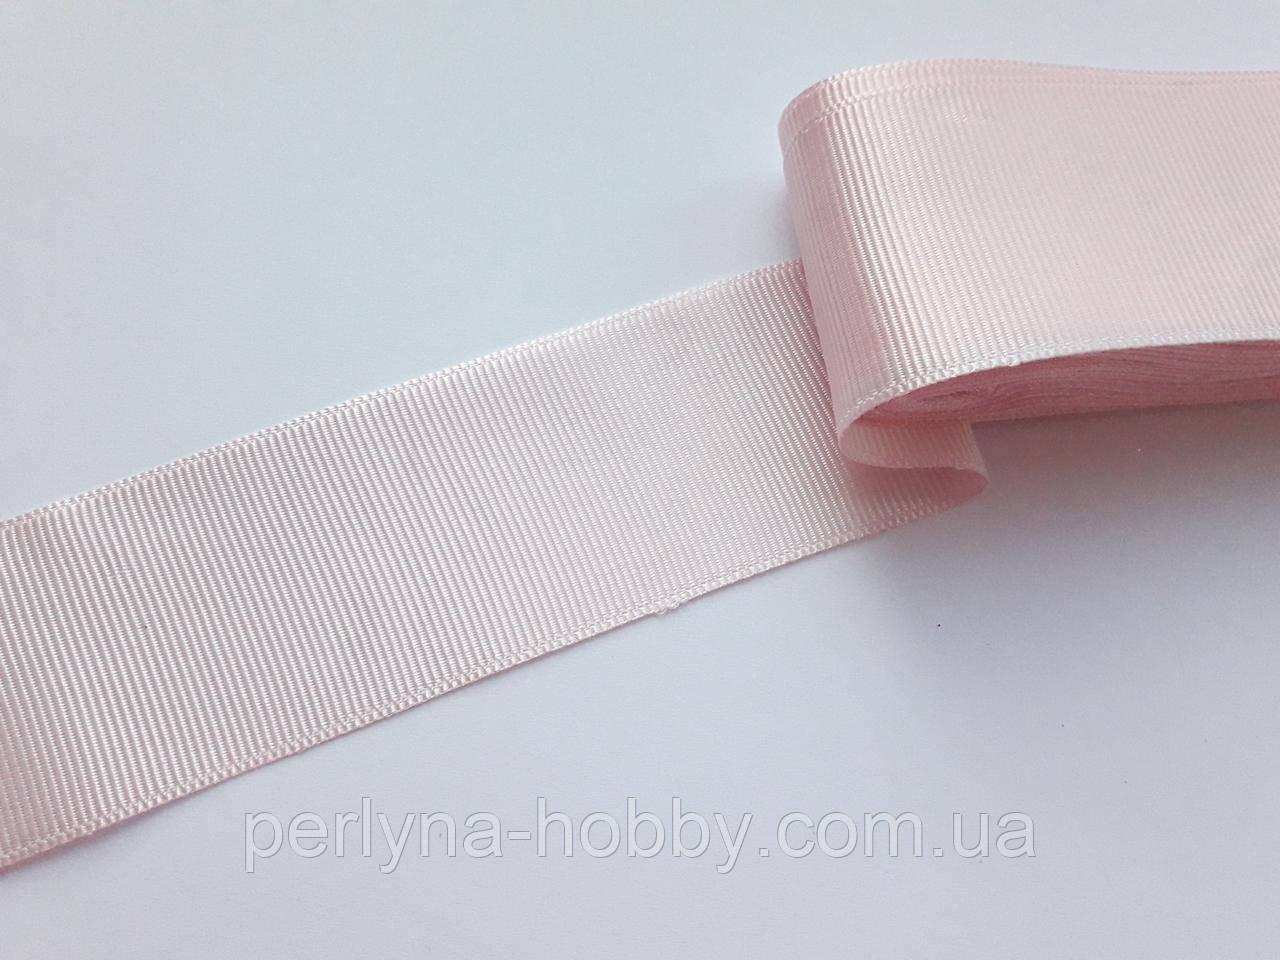 Стрічка репсова 40 мм, ніжно-рожева № 16. Туреччина